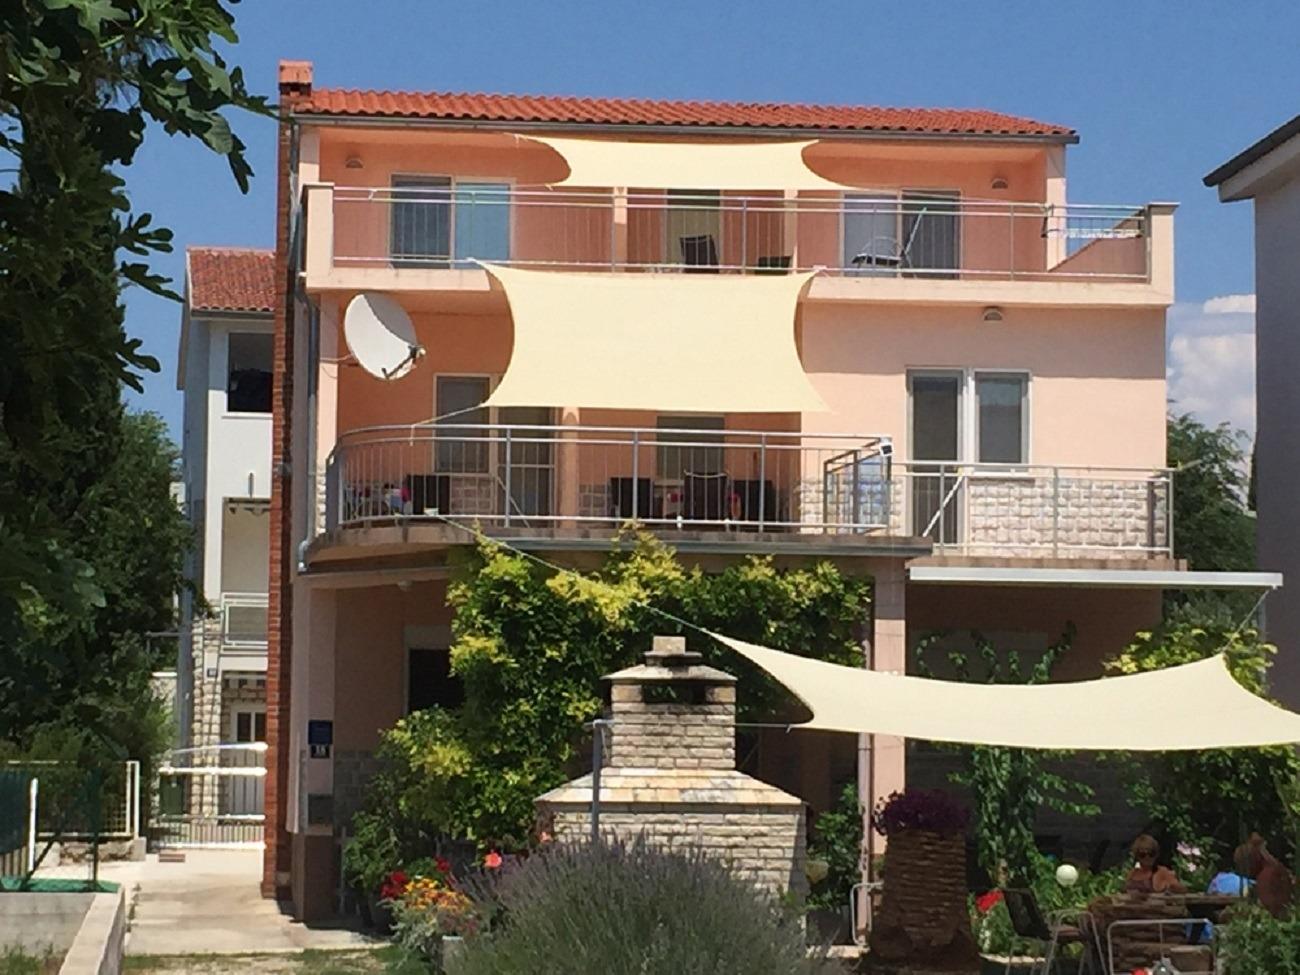 Ferienwohnung ura A1(4+2) - Pirovac (739827), Pirovac, , Dalmatien, Kroatien, Bild 1